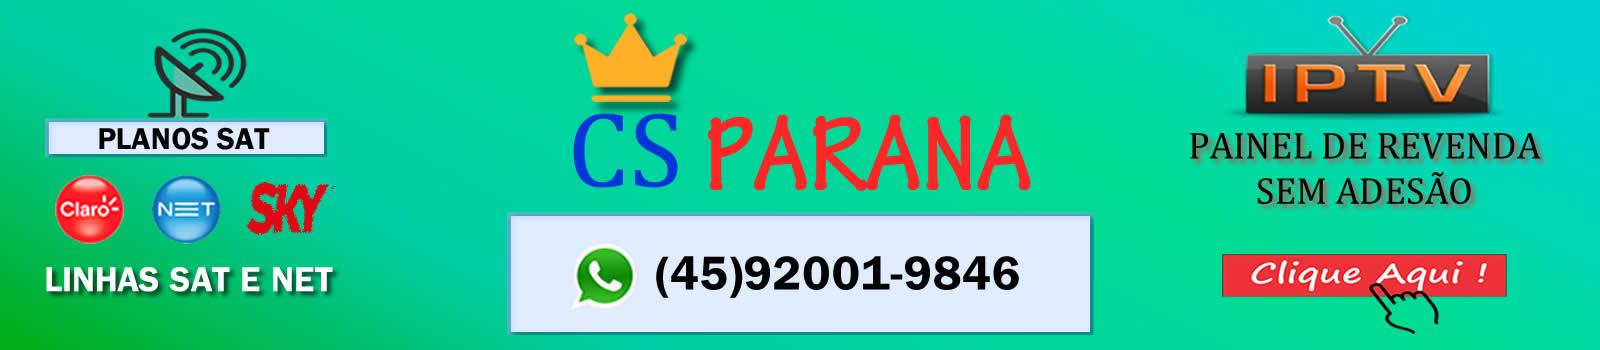 ParanaCS